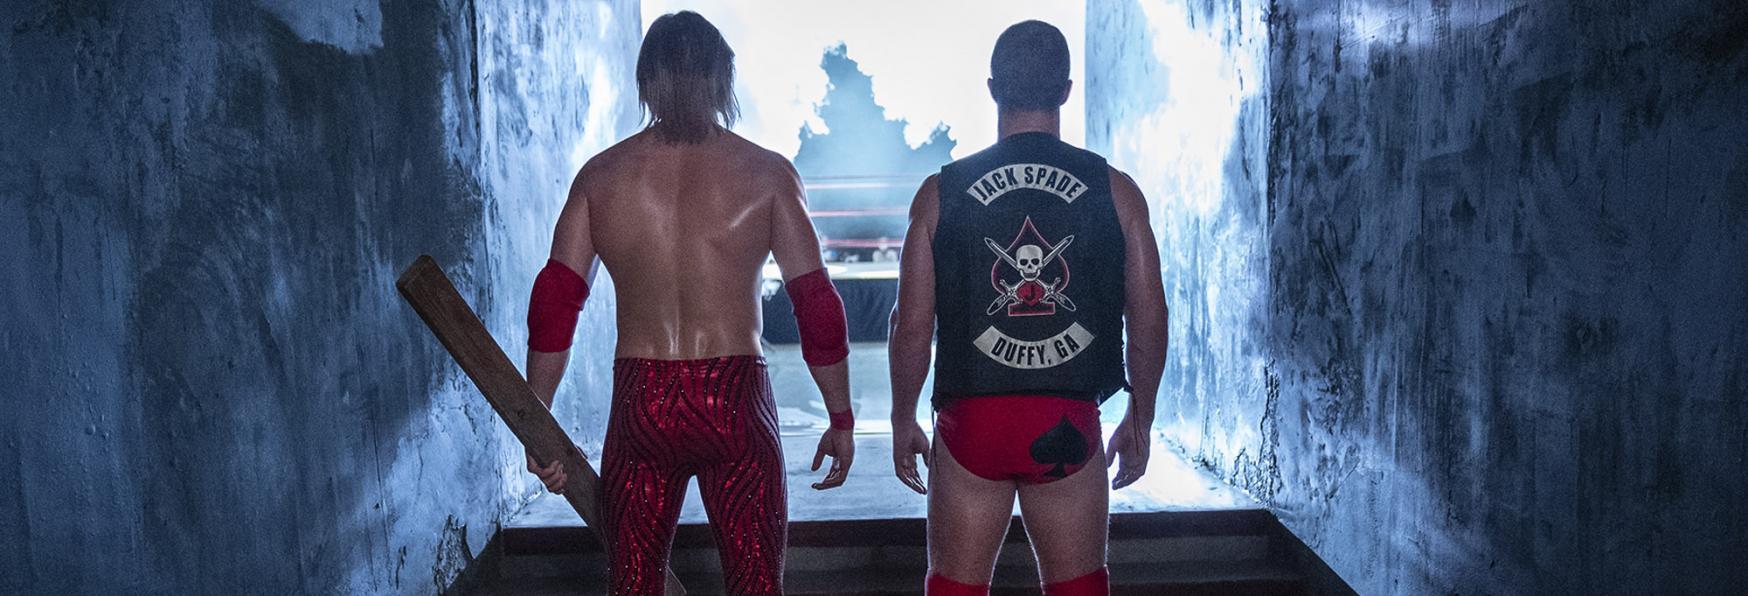 Heels: Rilasciato il Primo Trailer della Serie TV targata Starz sul Wrestling